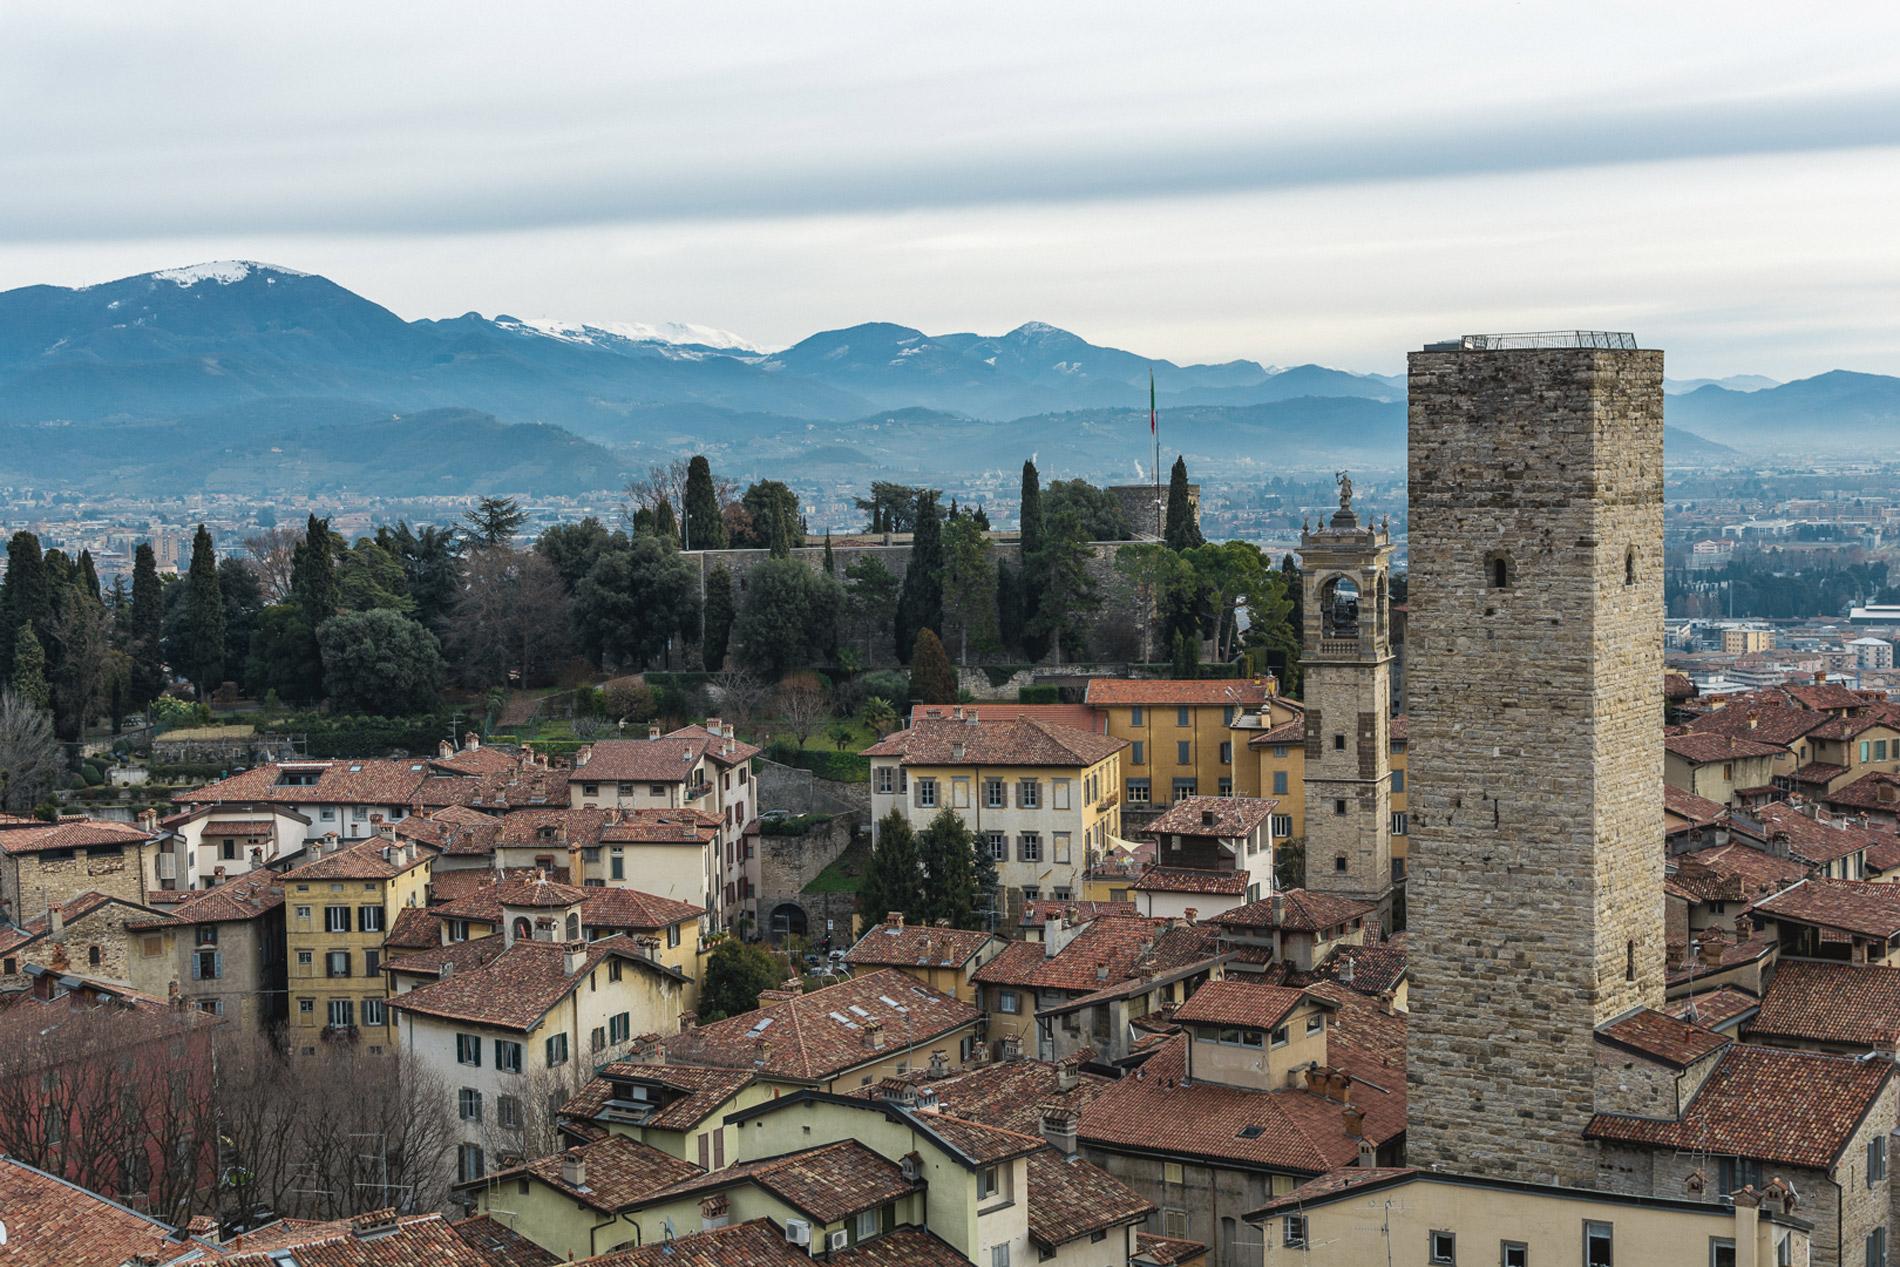 Existem várias cidades mais pequenas que também merecem uma visita: Bergamo é uma opção a considerar quando visitar Itália